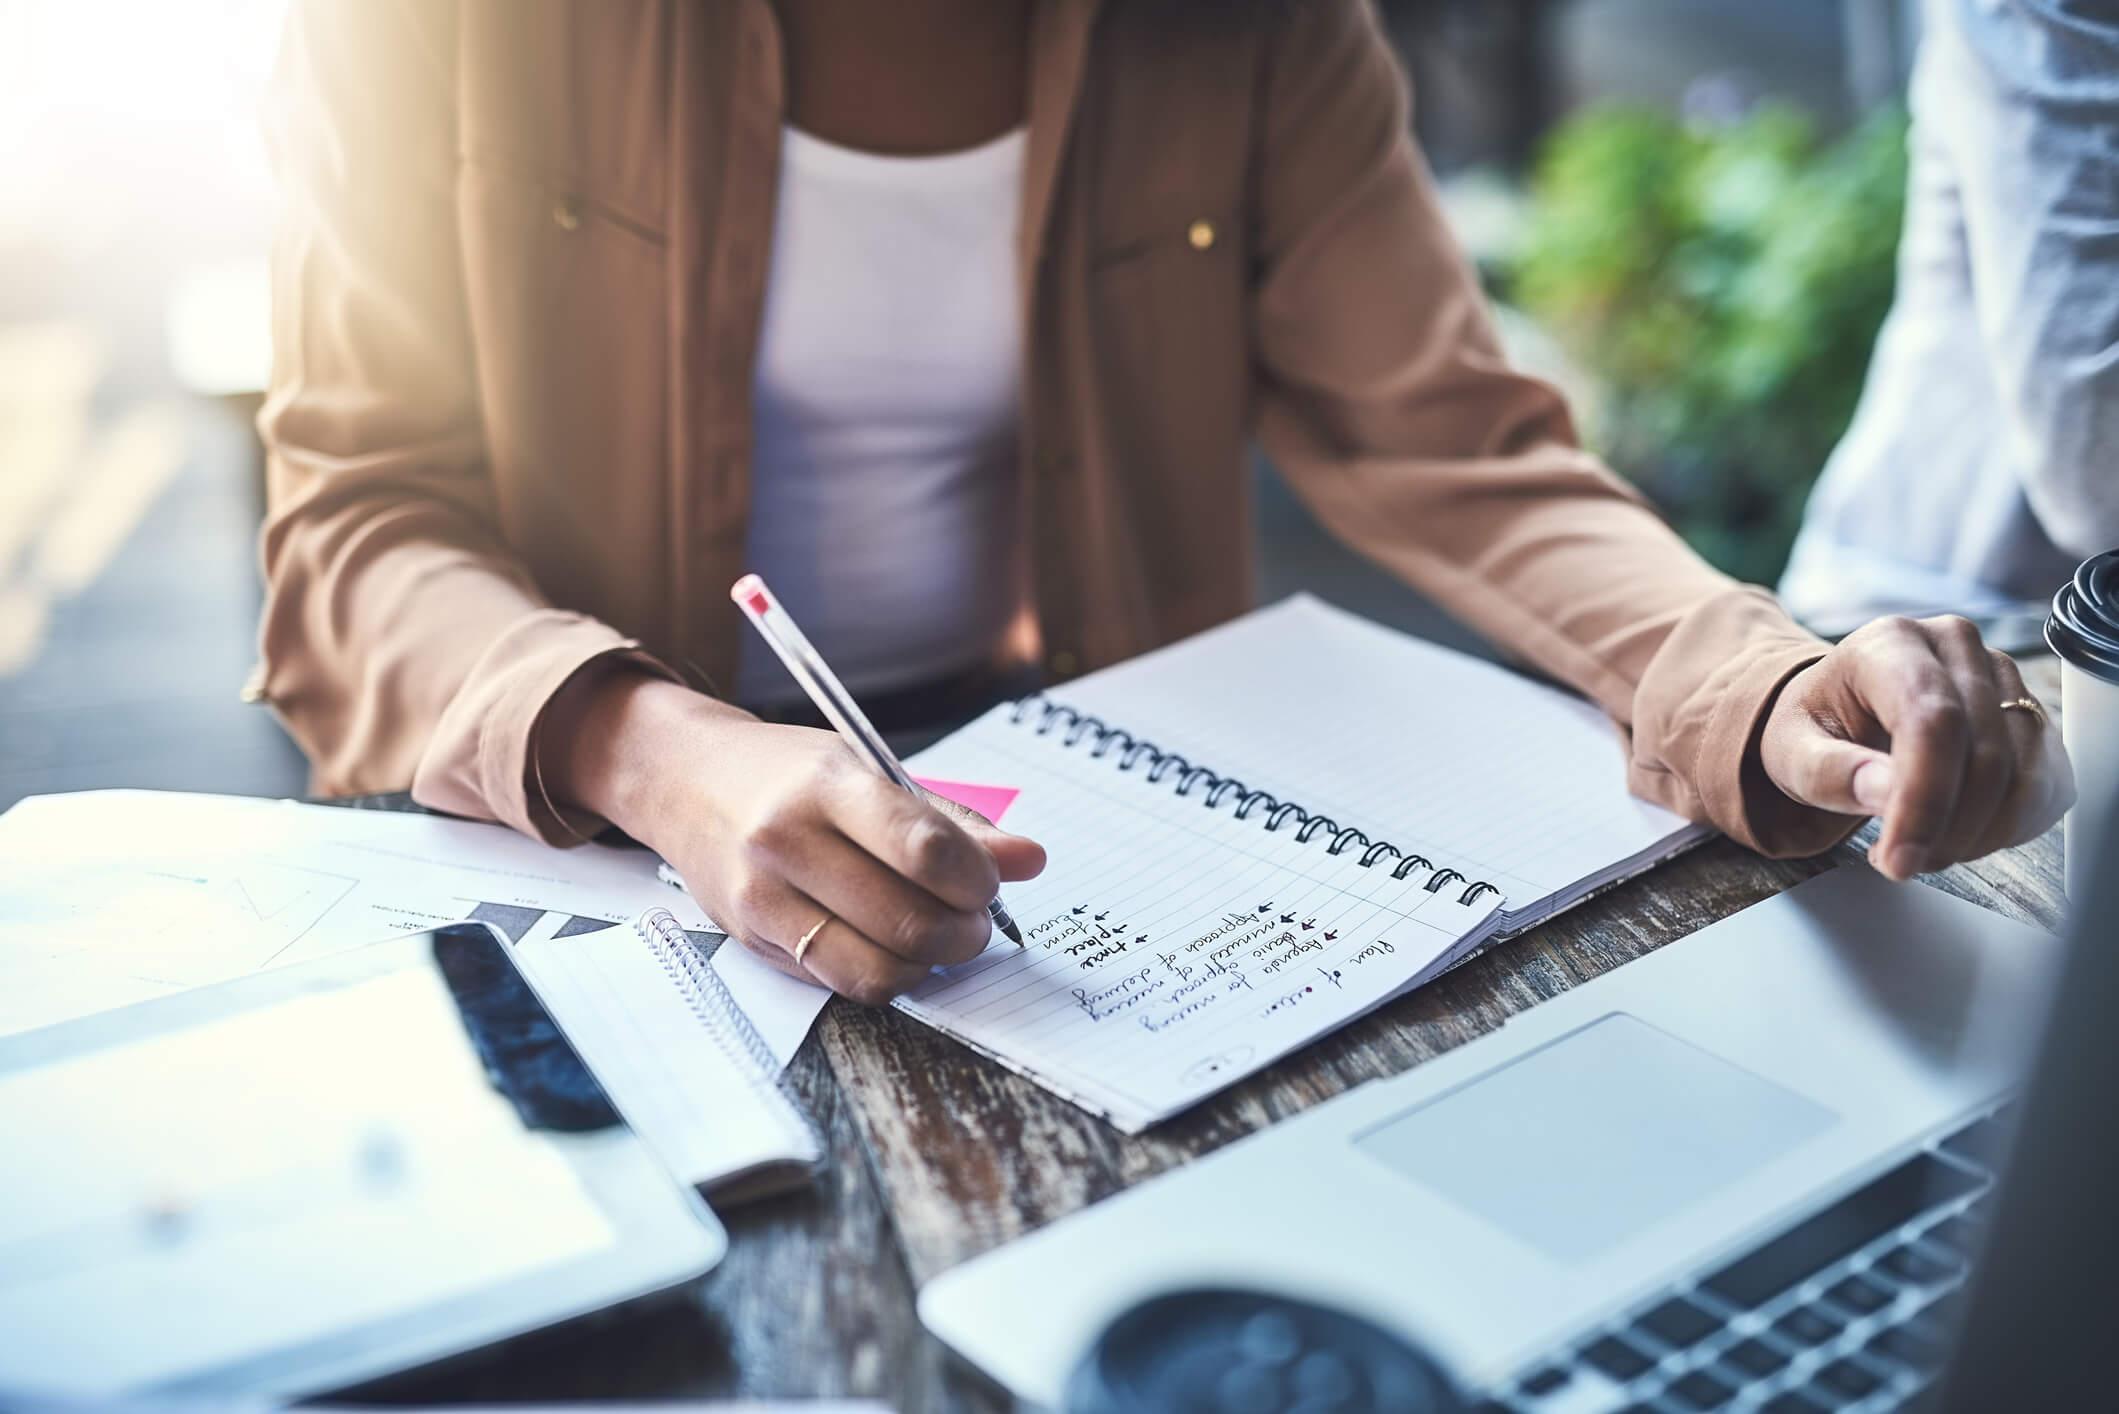 Método GTD: o que é e como pode mudar os hábitos de procrastinação